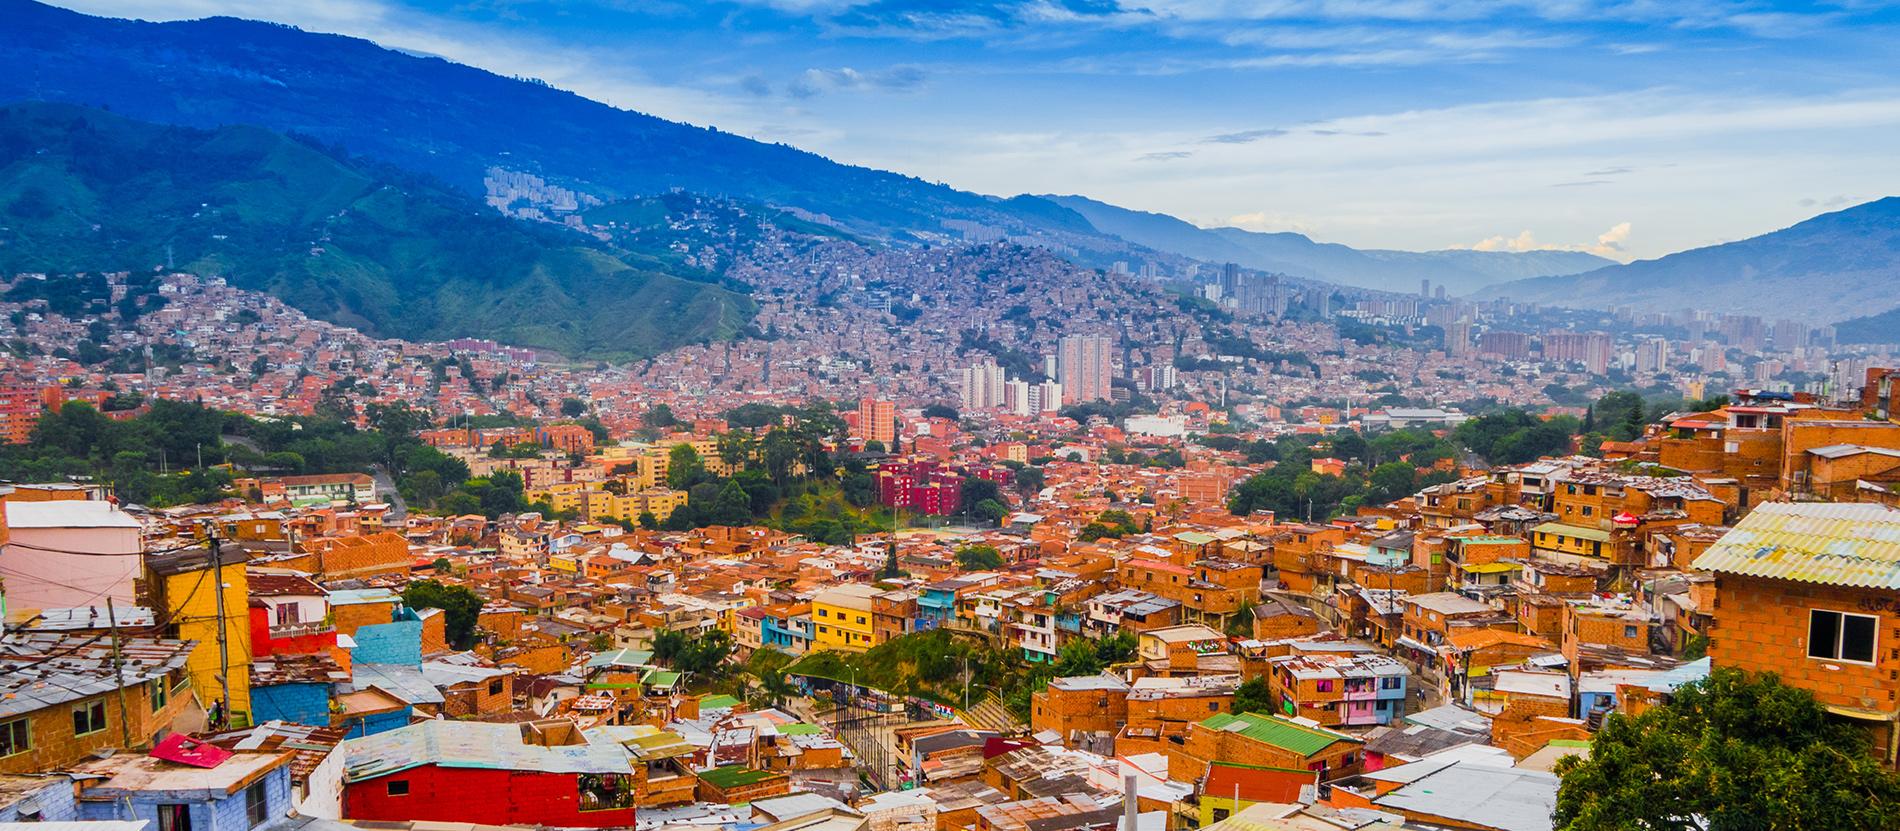 꽃과 미녀의 도시, 콜롬비아 메데진(Medellin) - 1 / 세계가 주목하다